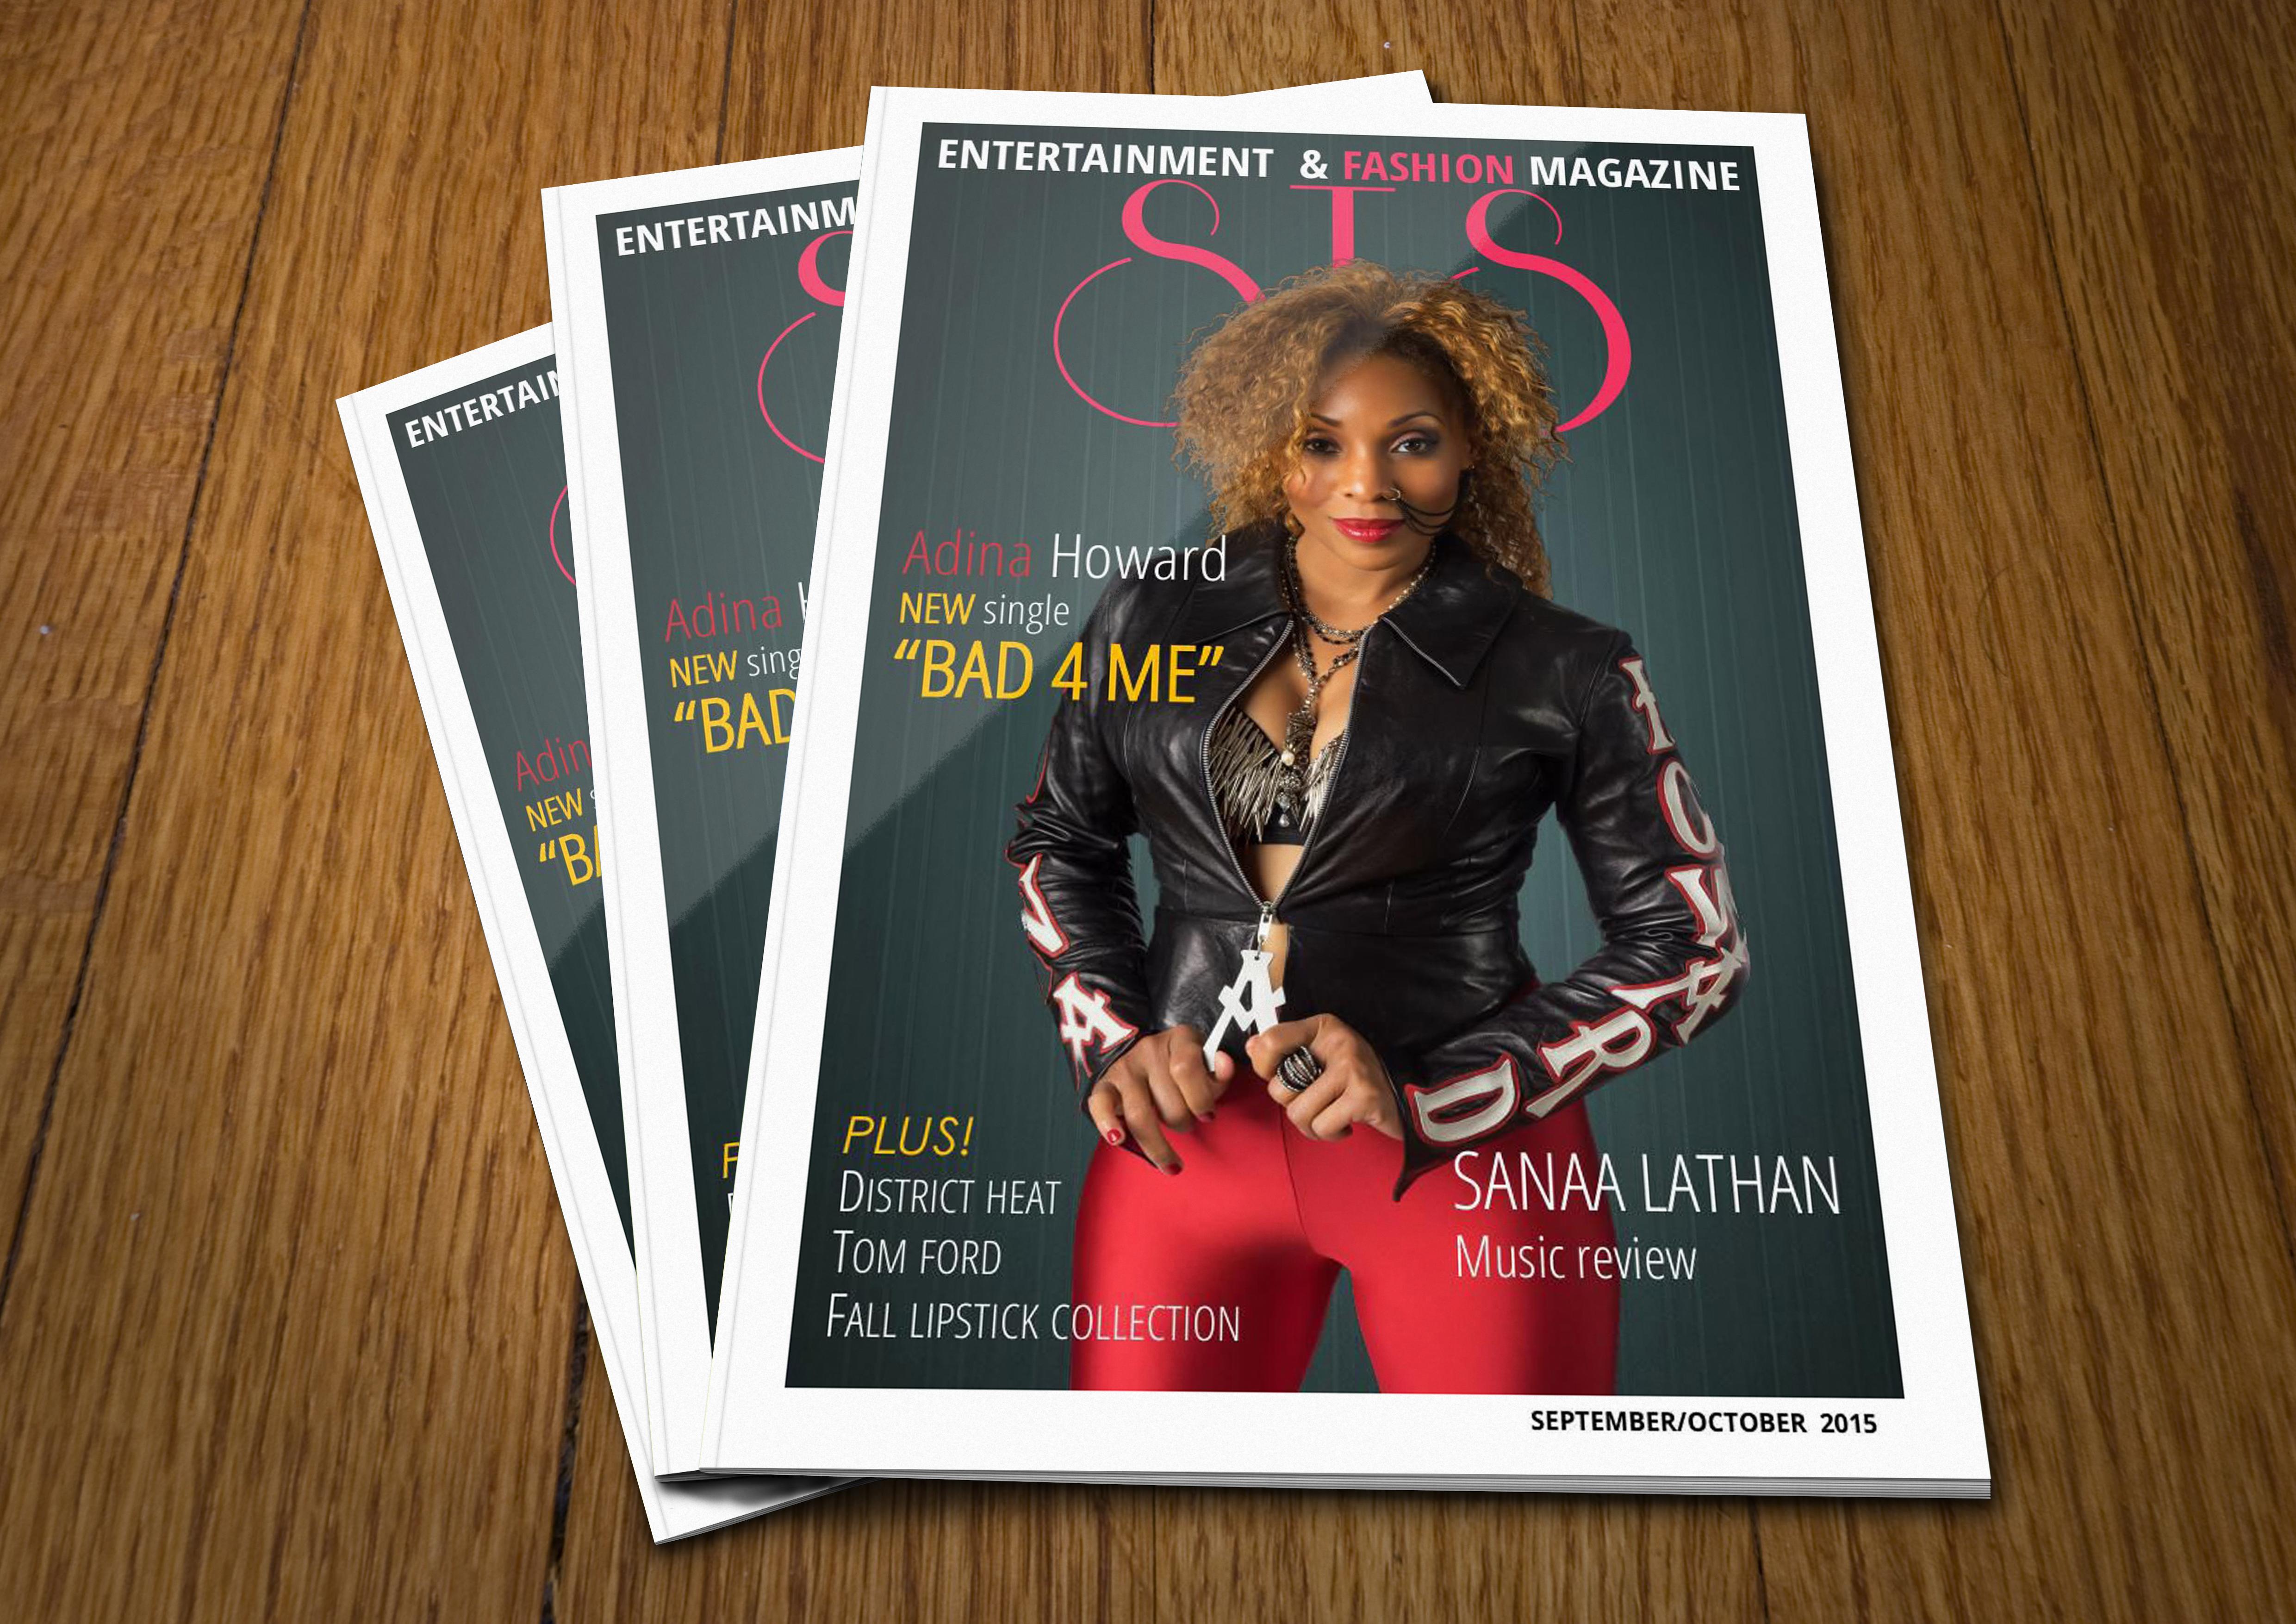 AdinaHoward_MagazineCover